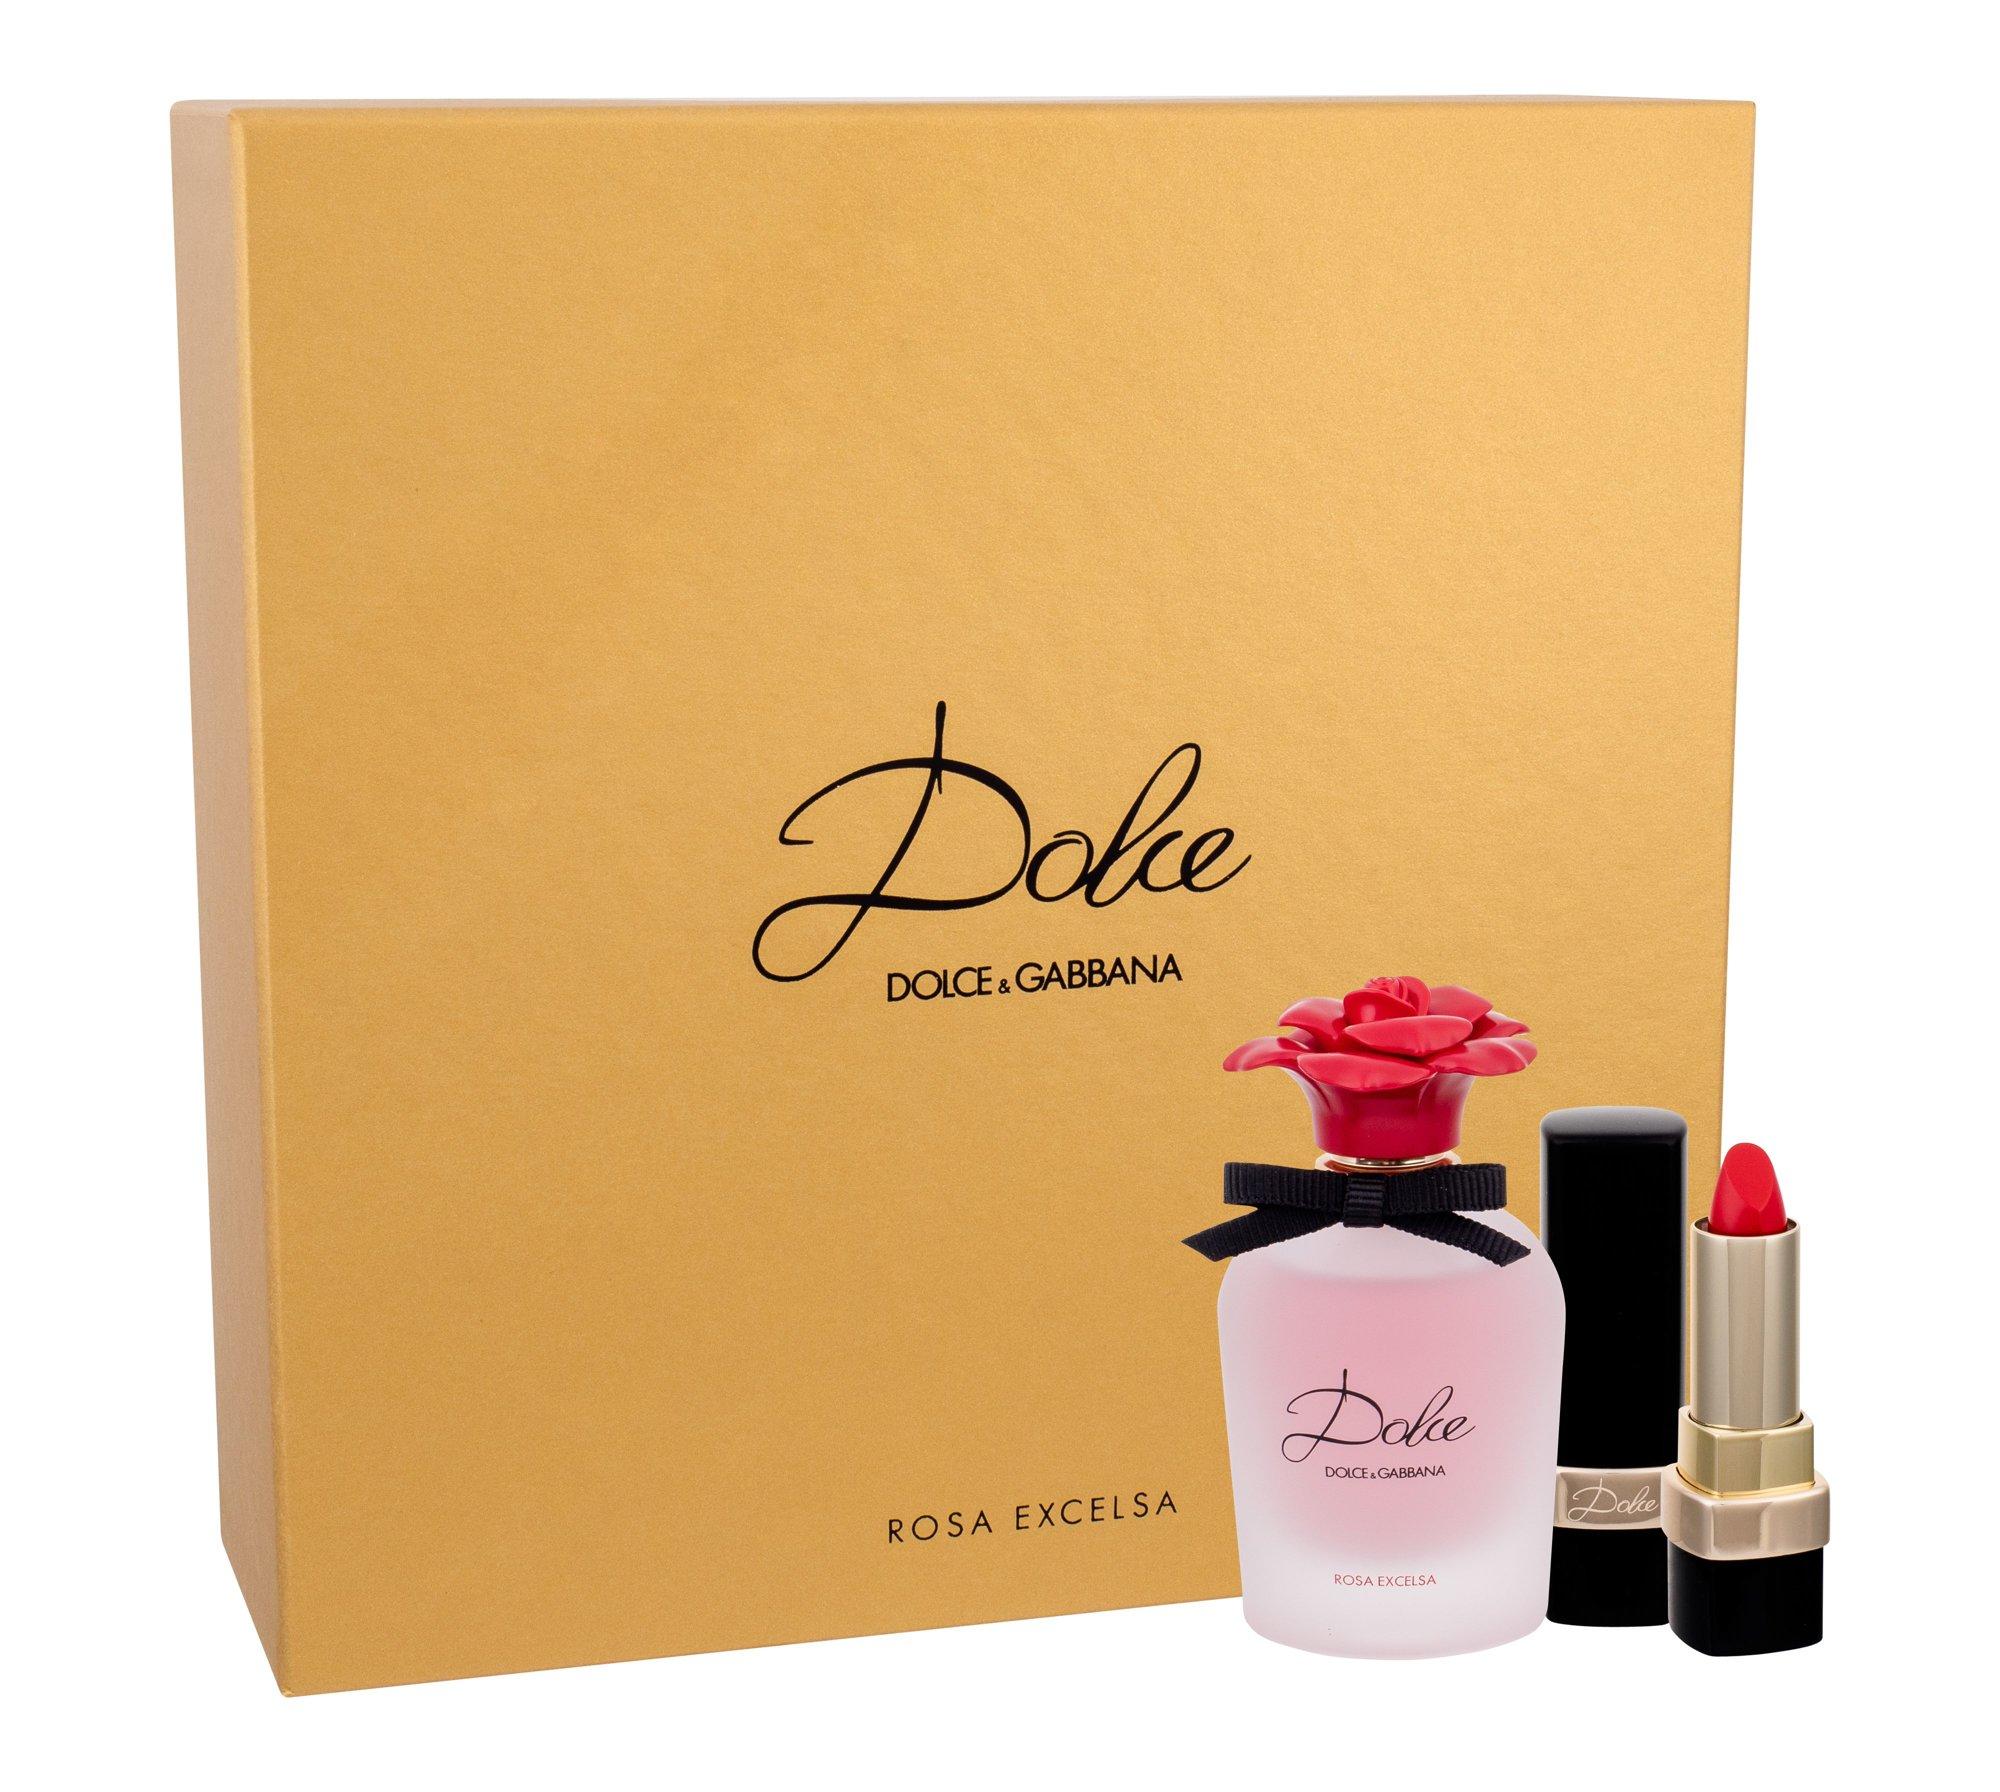 Dolce&Gabbana Dolce Eau de Parfum 50ml